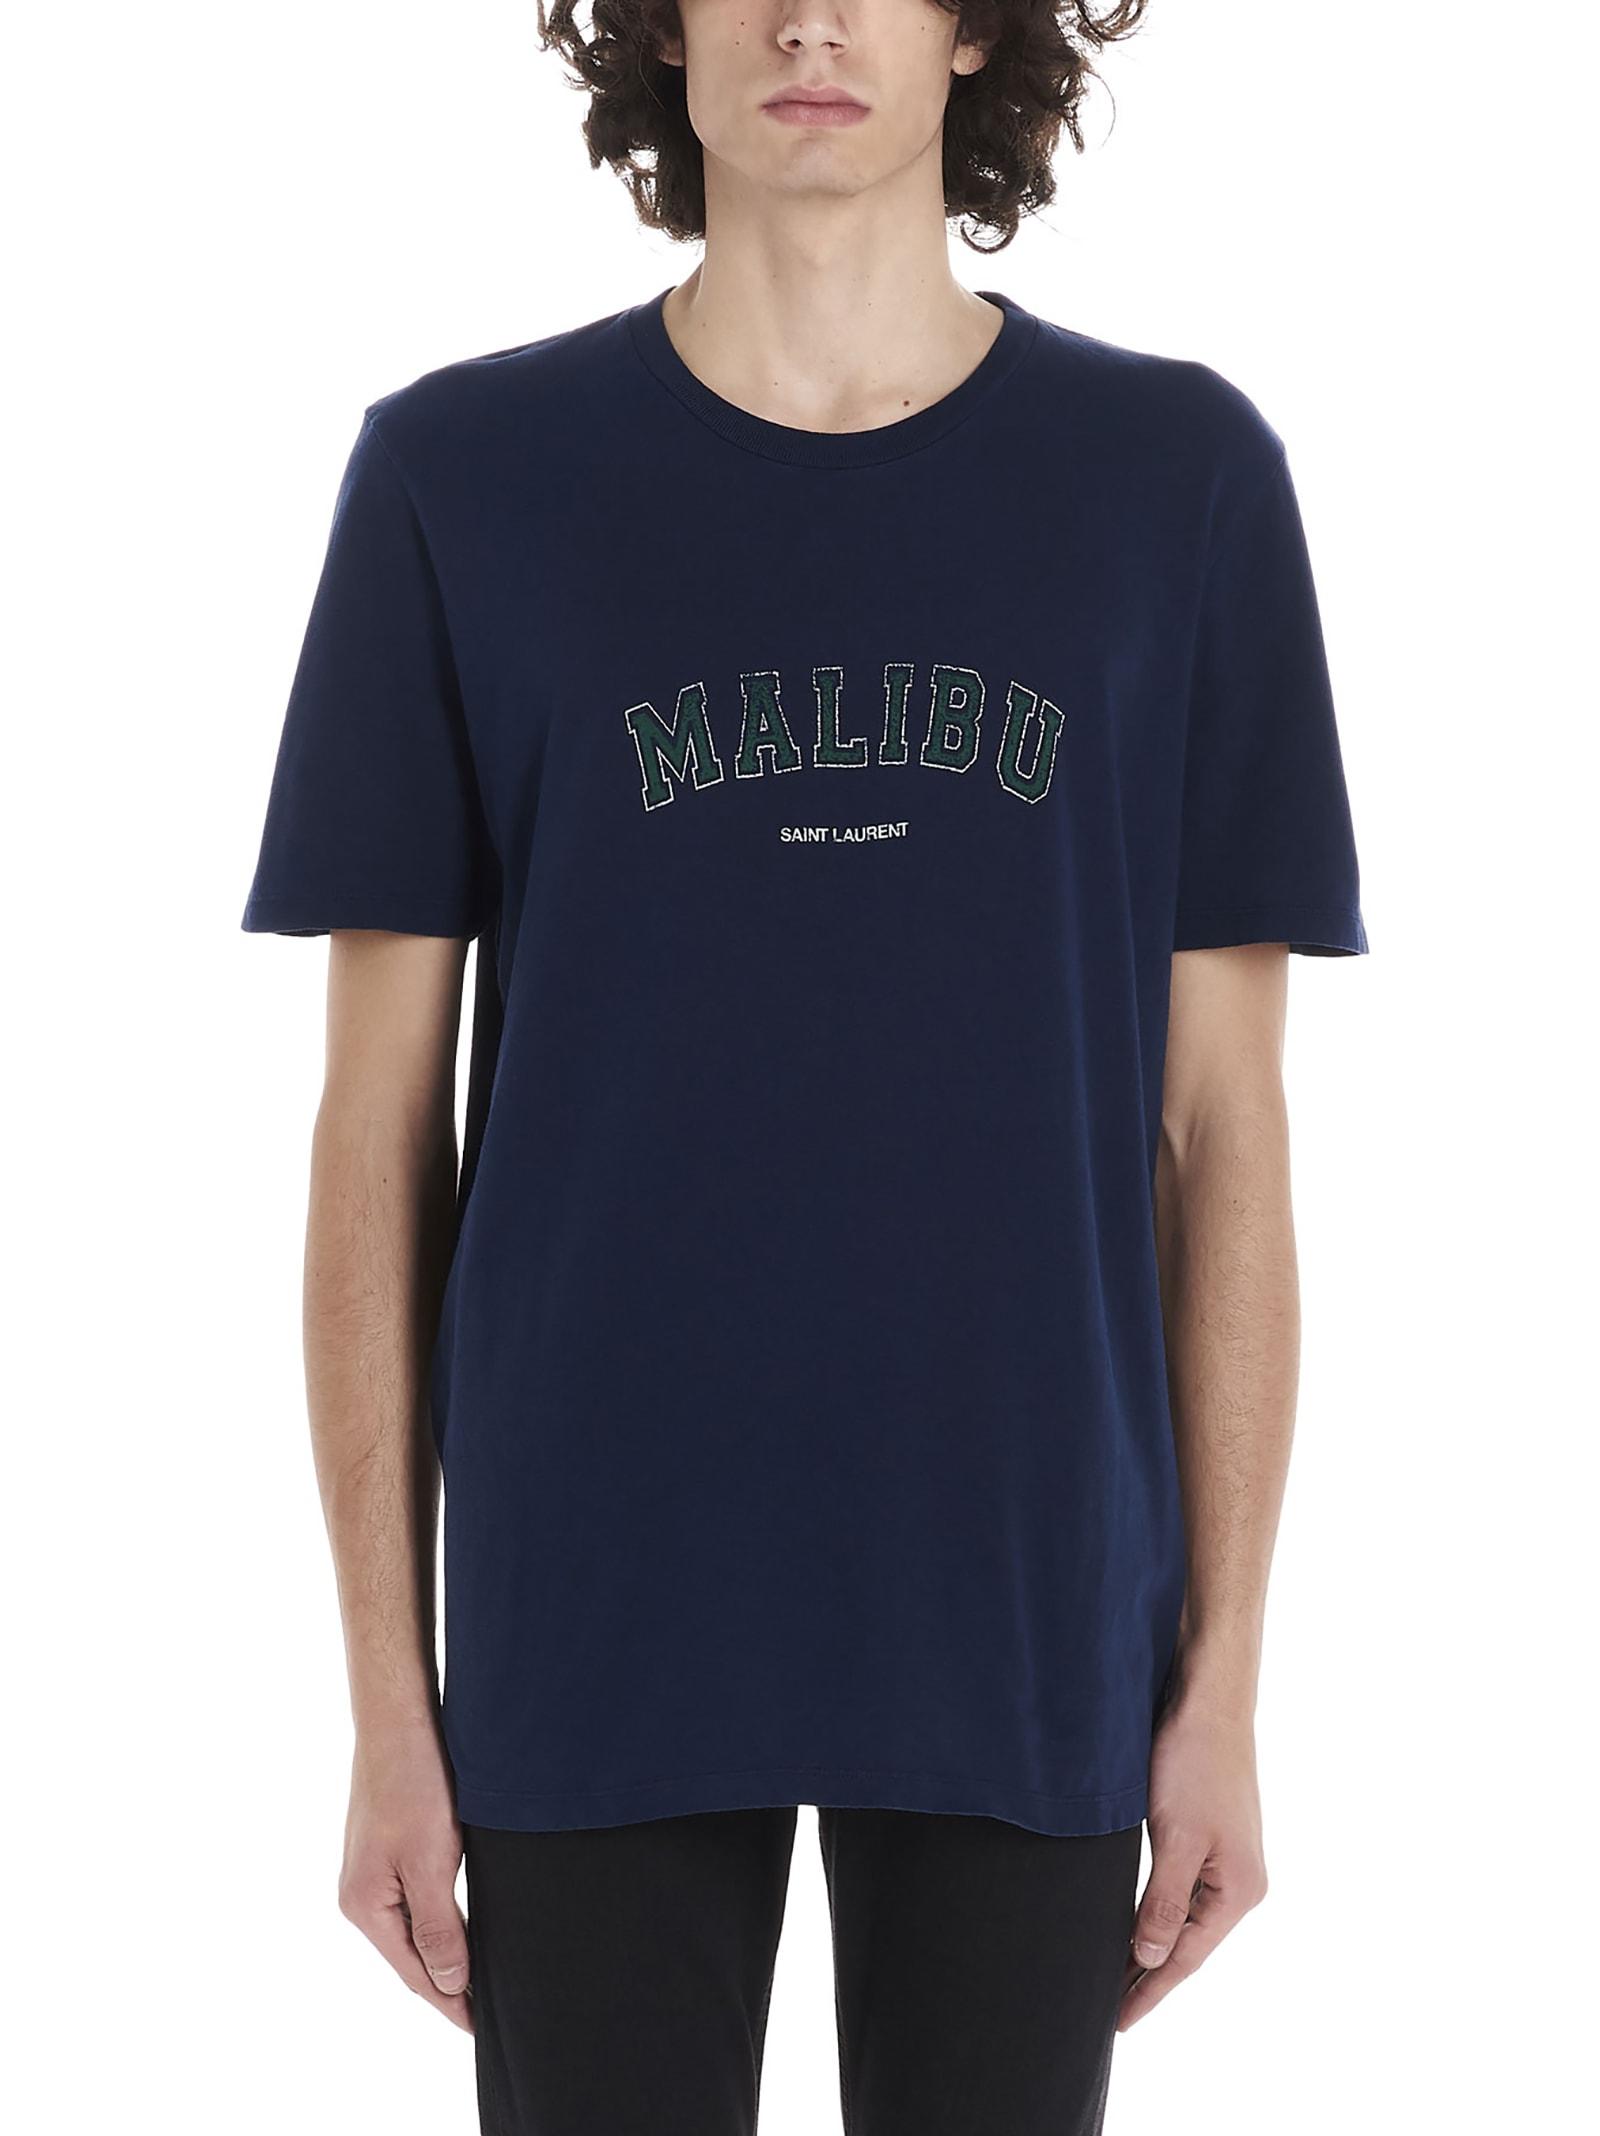 Saint Laurent malibu T-shirt